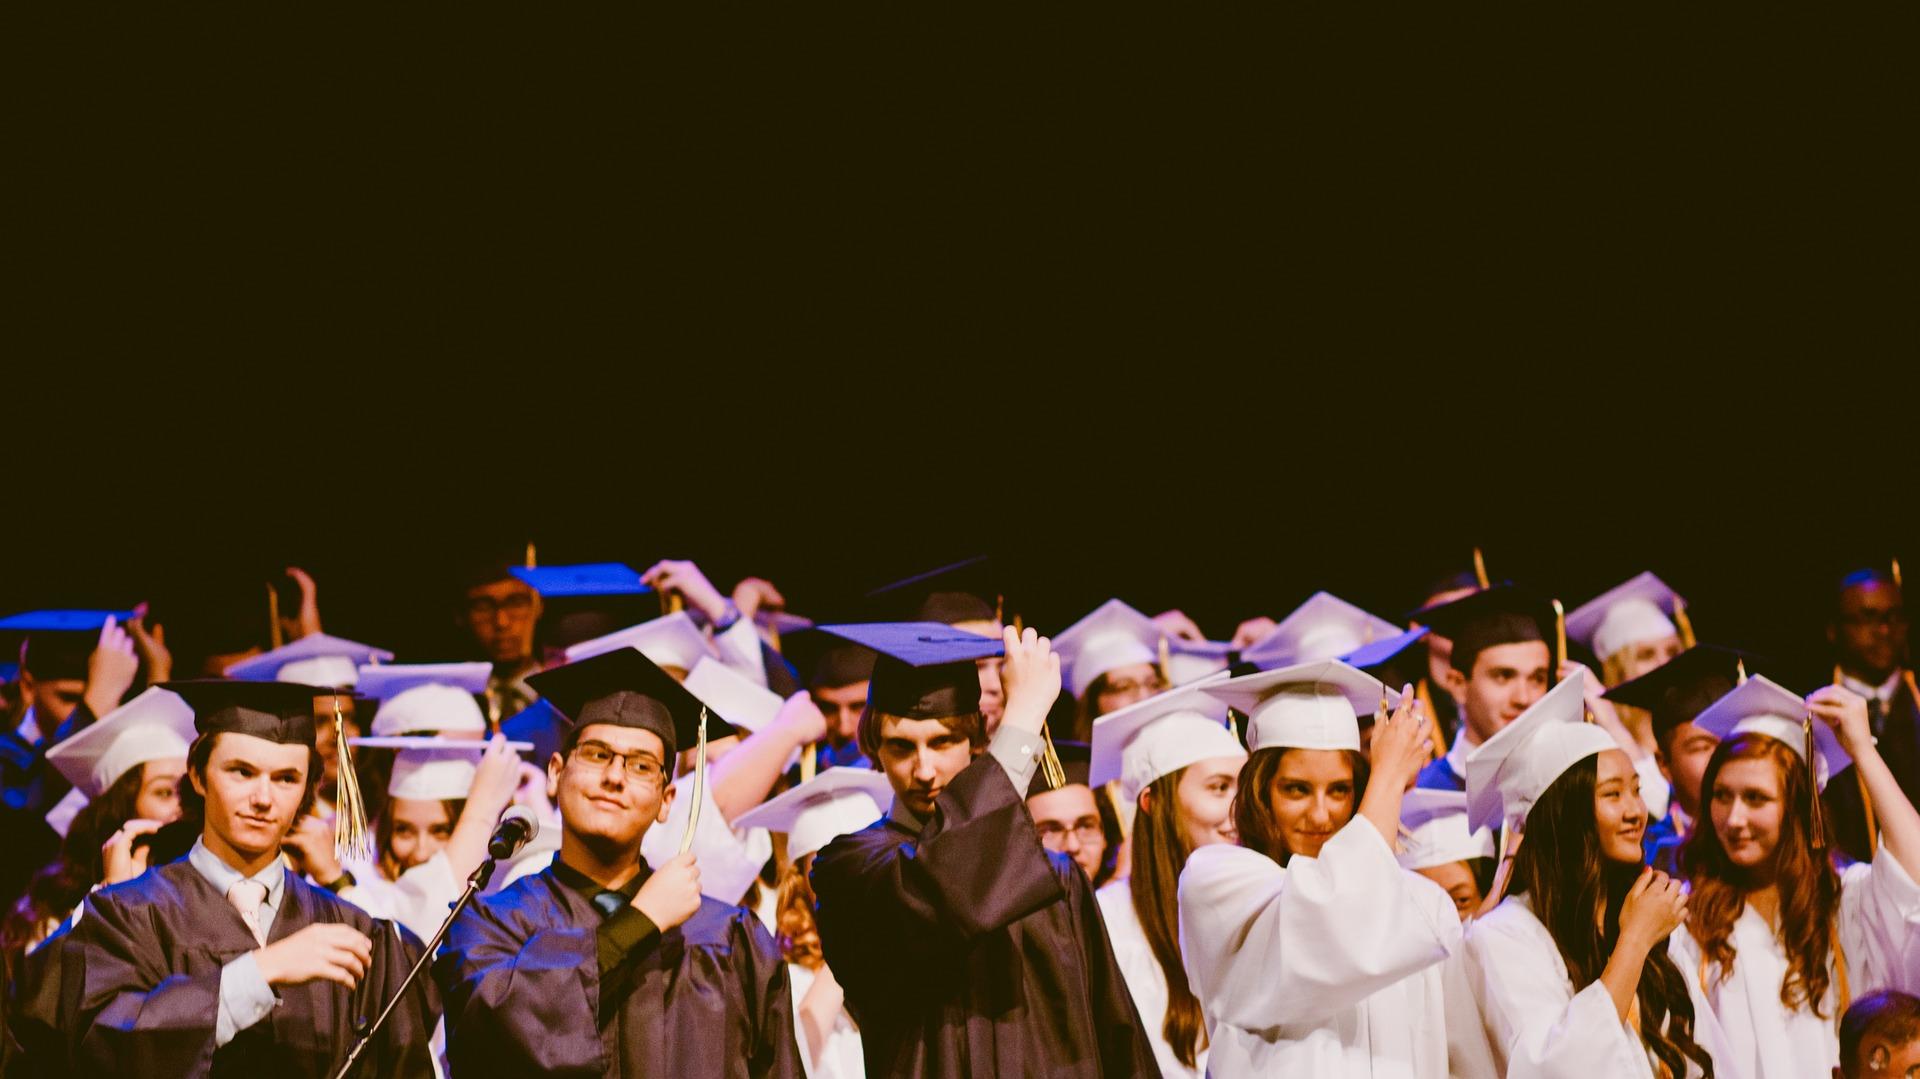 ¿Qué probabilidades tengo de graduarme, pagar mis préstamos y obtener un buen trabajo? Este y otros temas clave son la base del WSJ/THE US College Rankings 2019. -